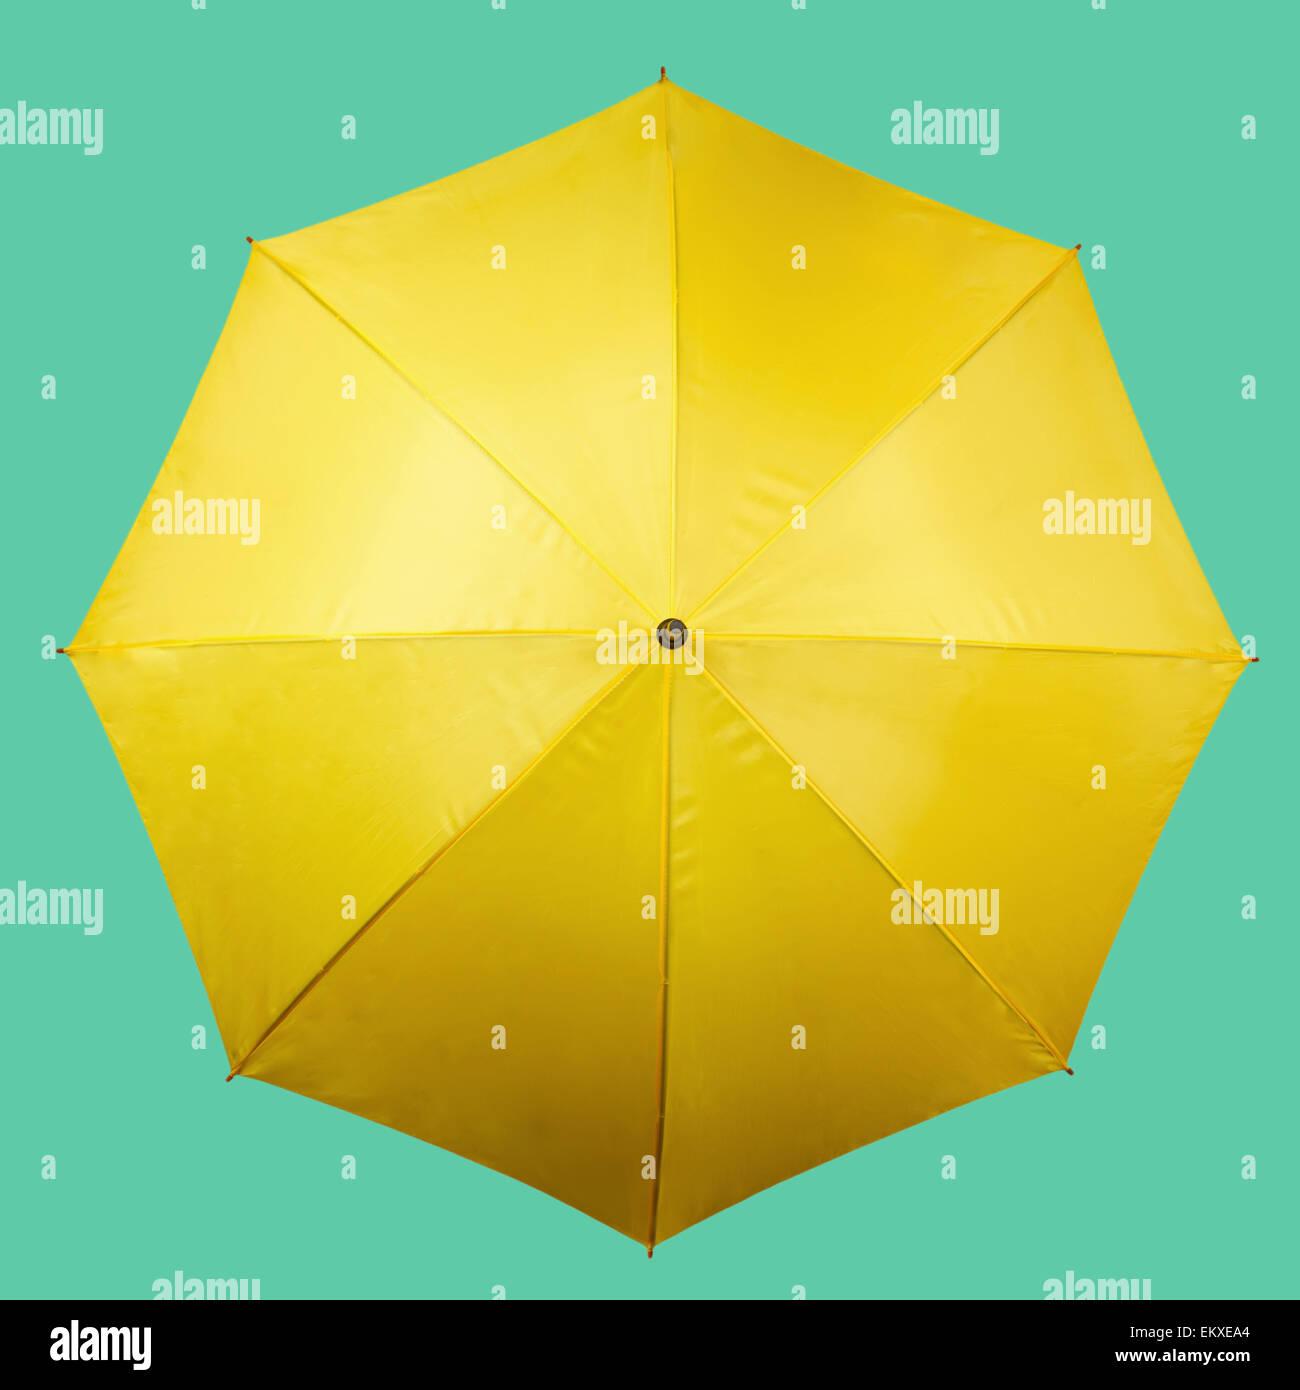 Yellow Umbrella Stand: Yellow Umbrella Open Stock Photos & Yellow Umbrella Open